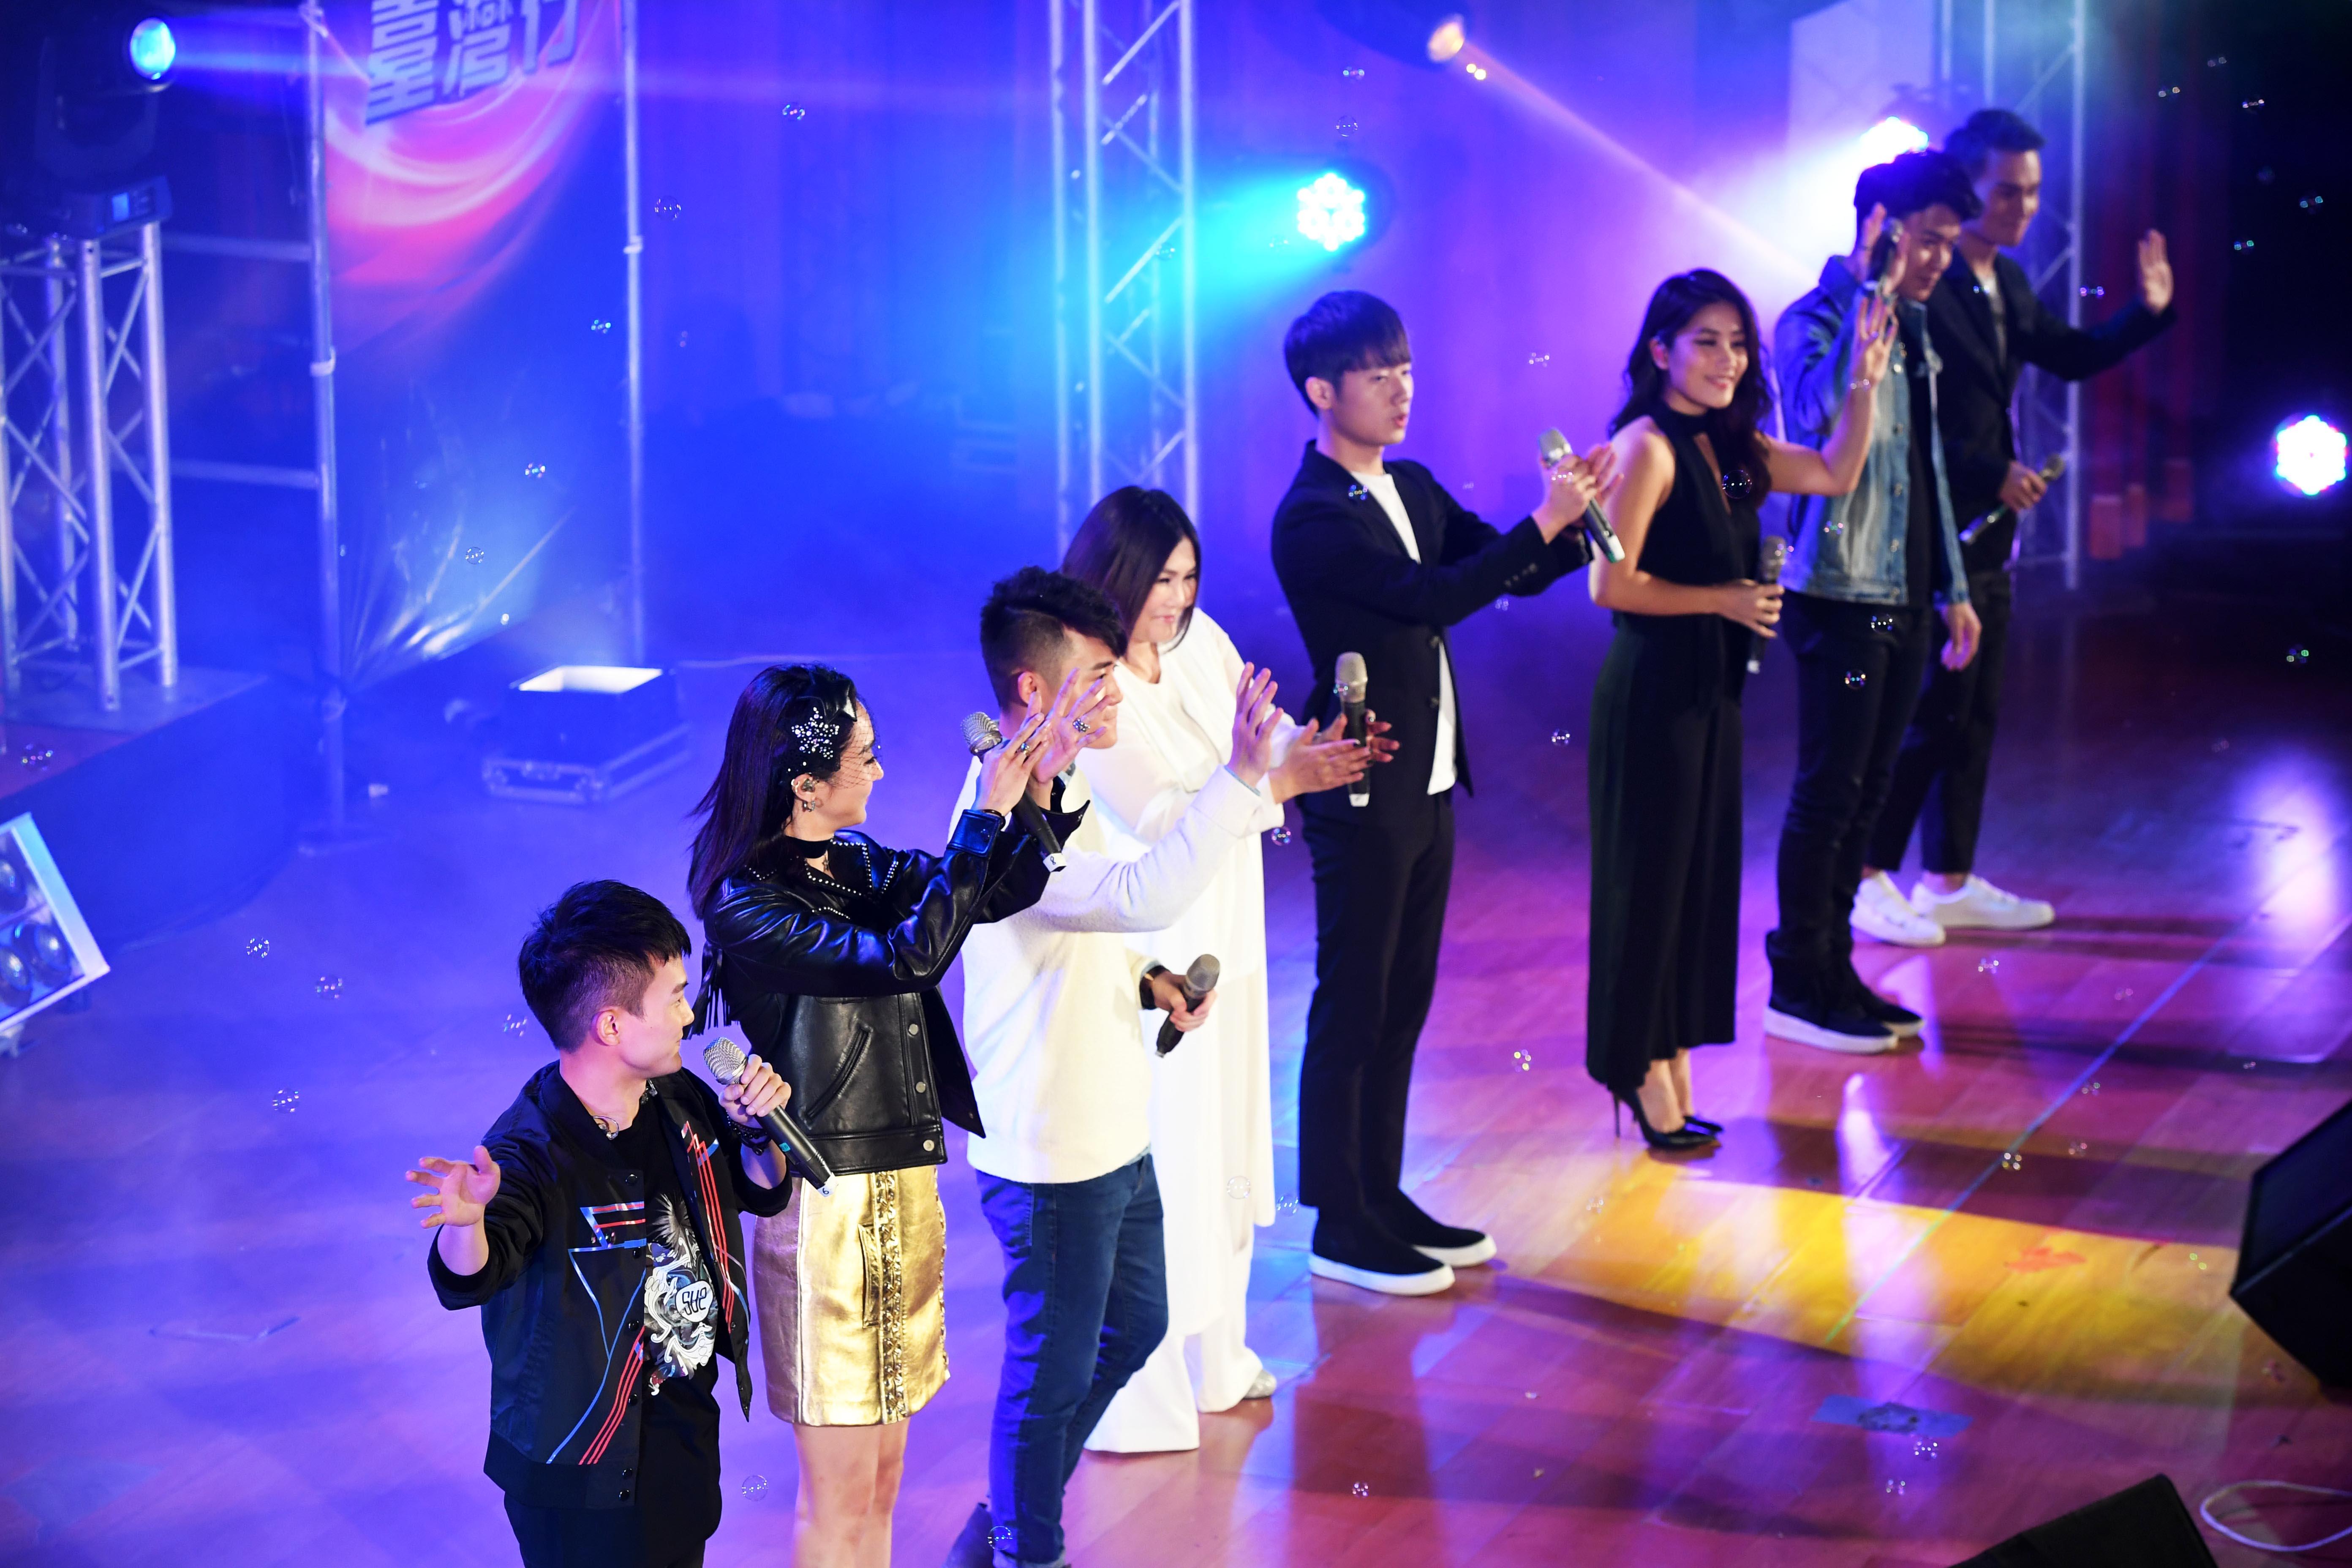 10月30日,两岸歌手在演出现场与观众互动。新华社记者朱祥摄